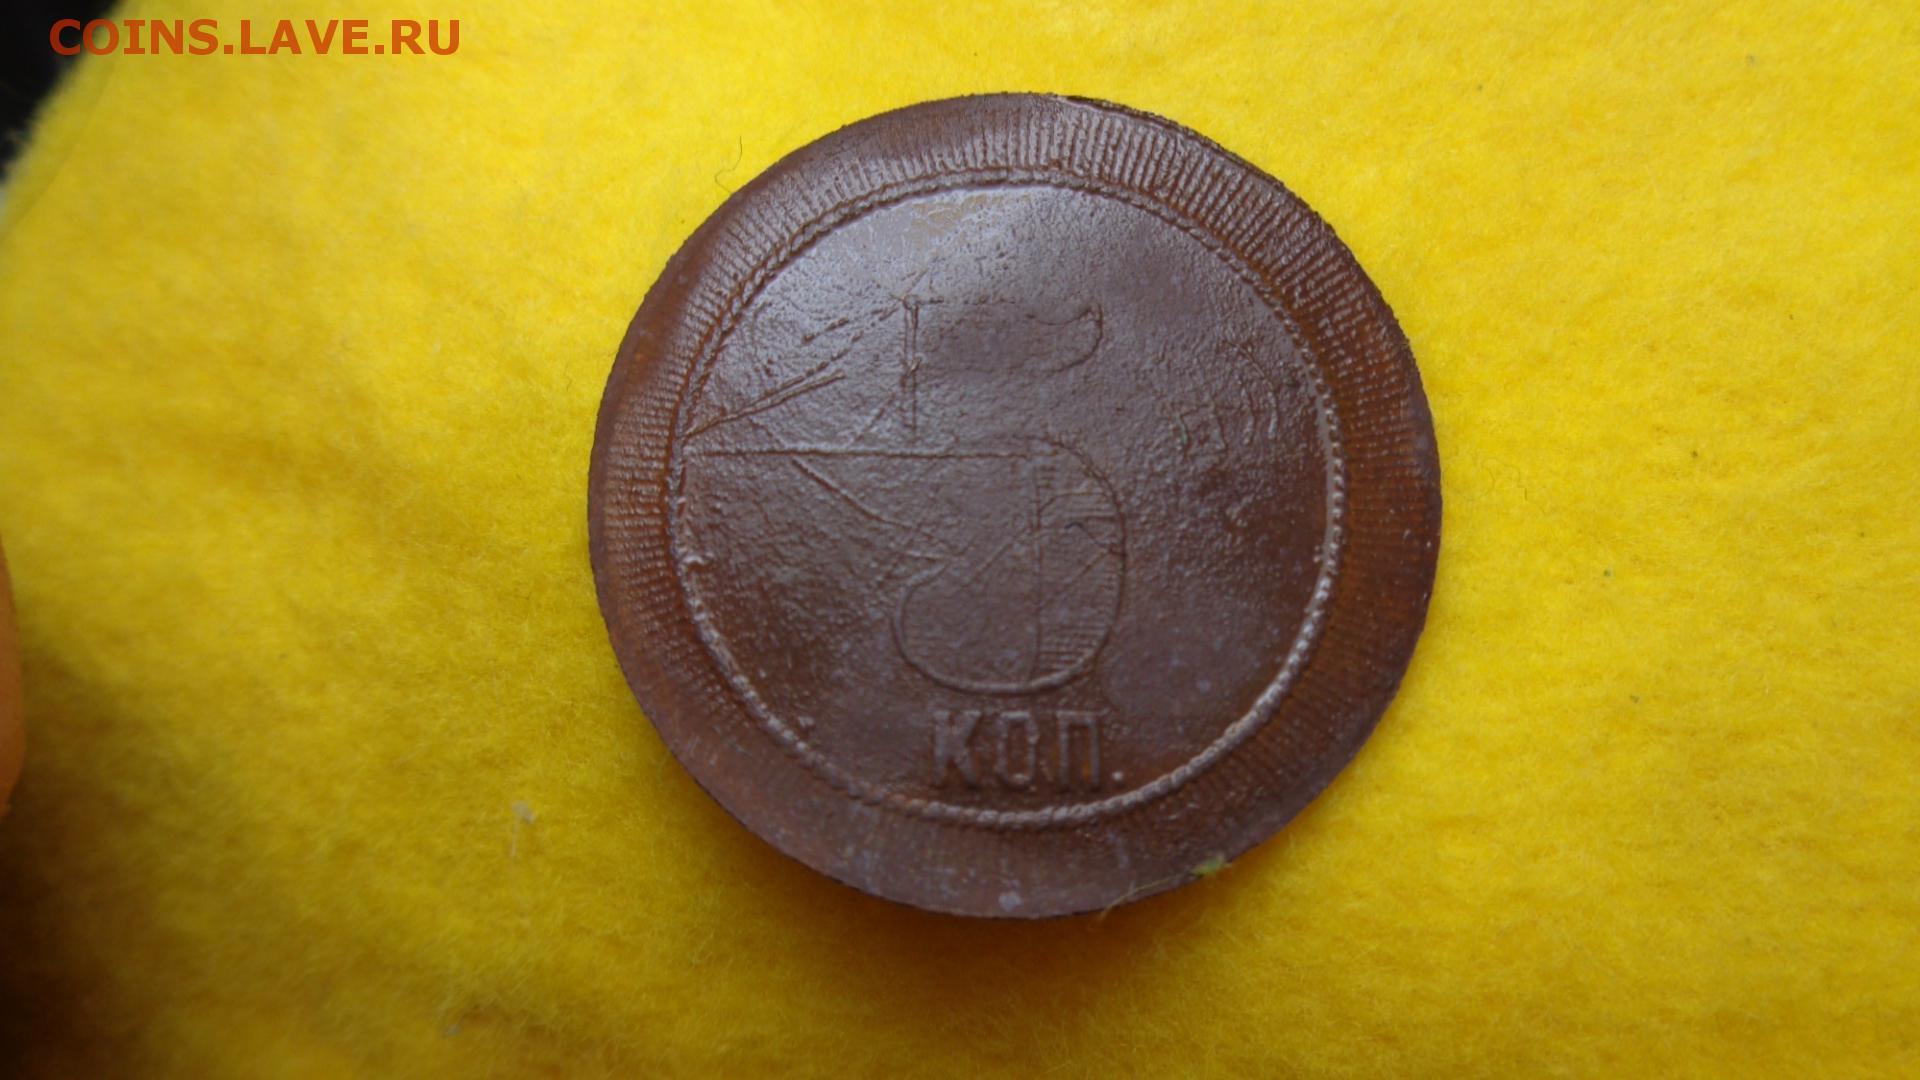 Анонимный трактирный жетон 5 коп. - монеты россии и ссср.